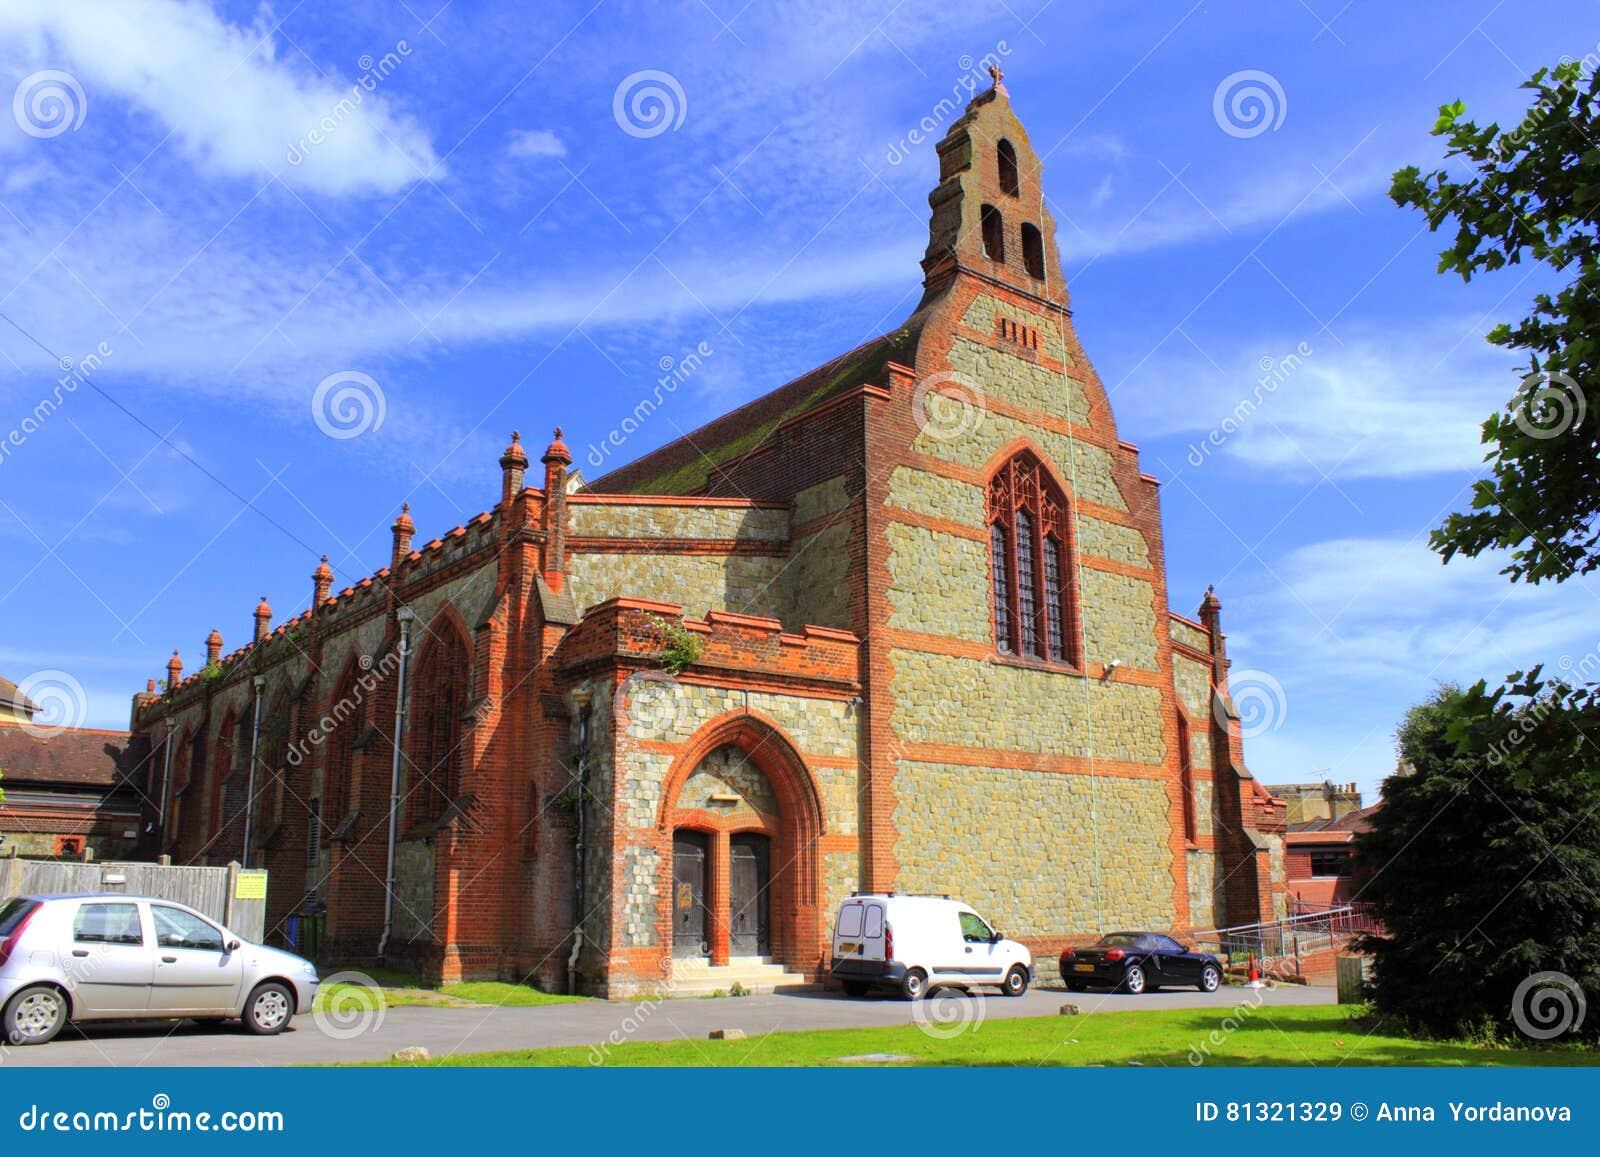 St救主教会福克斯通肯特英国